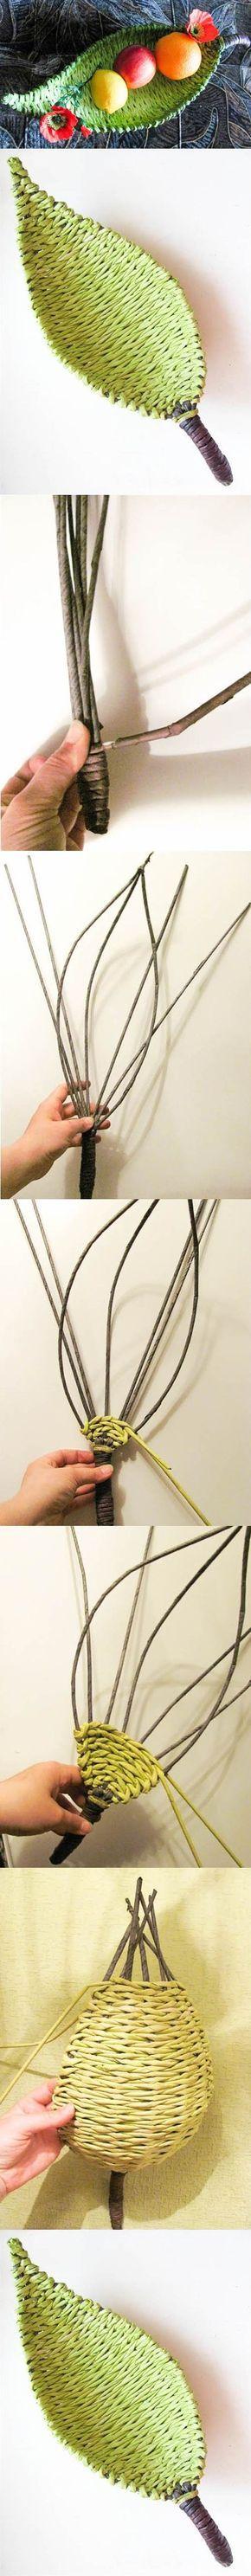 DIY selbst gewebte Schale in Form eines Blattes.